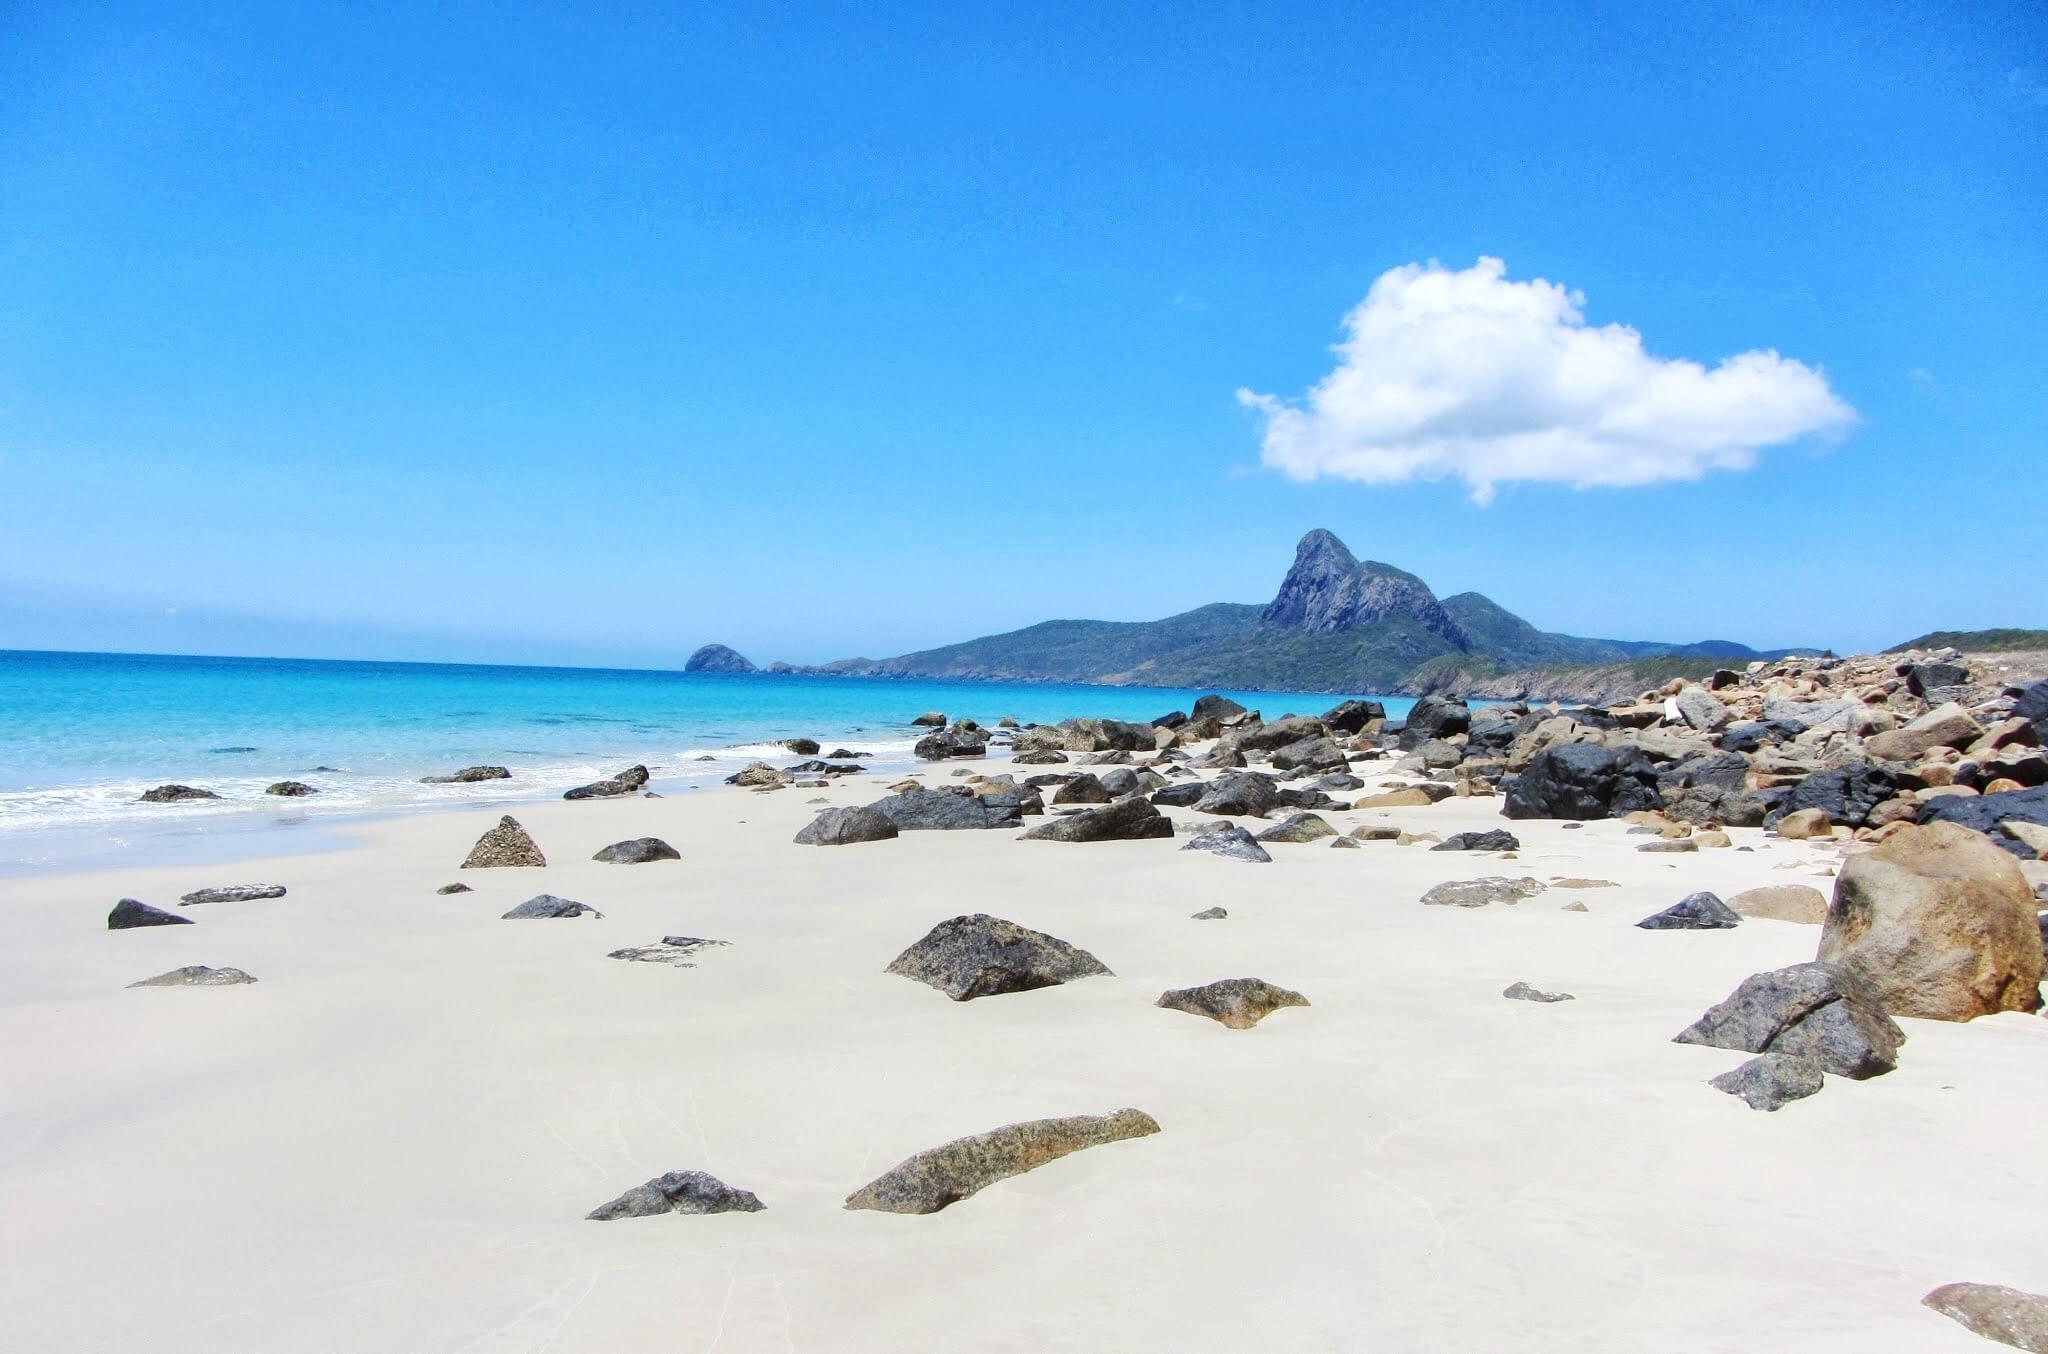 đảo cô tô cảnh đẹp miền bắc